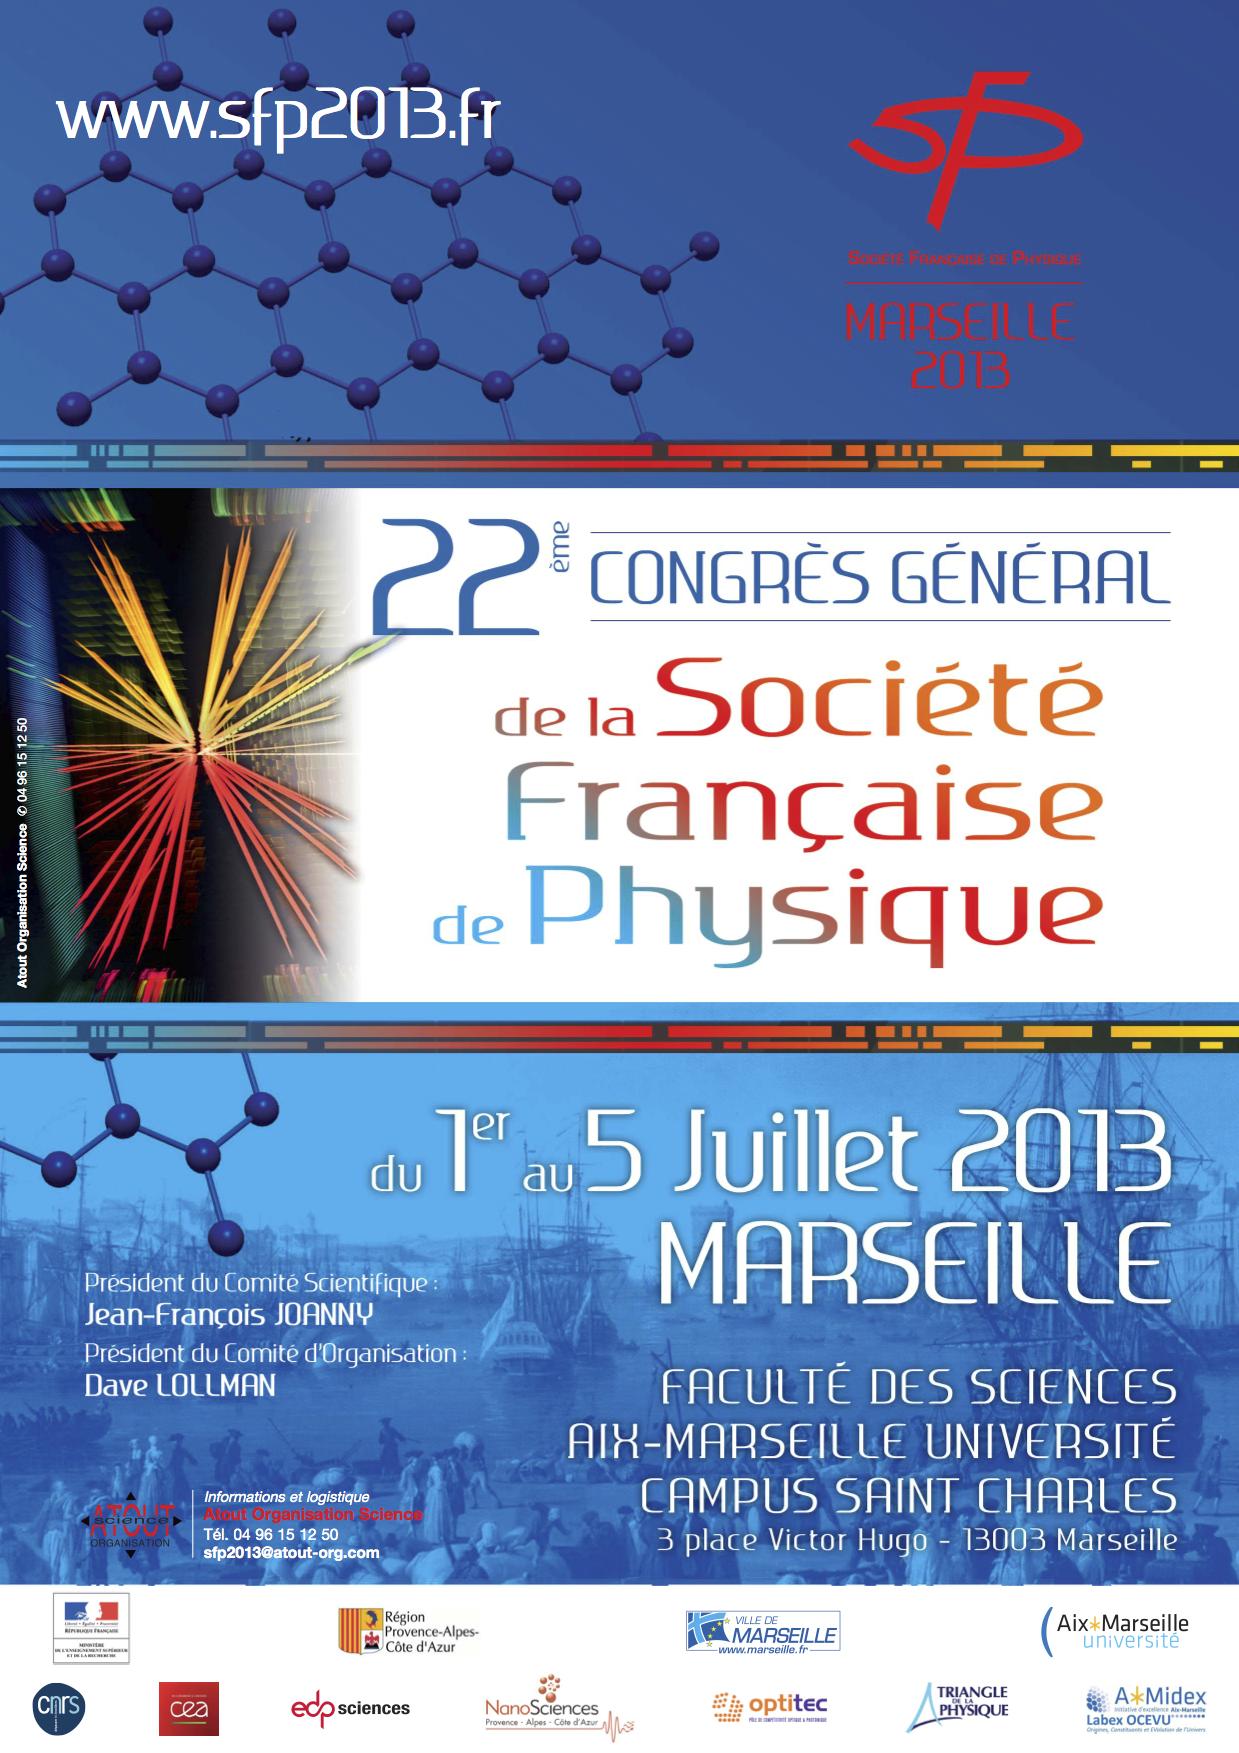 Congrès Général de la Société Française de Physique